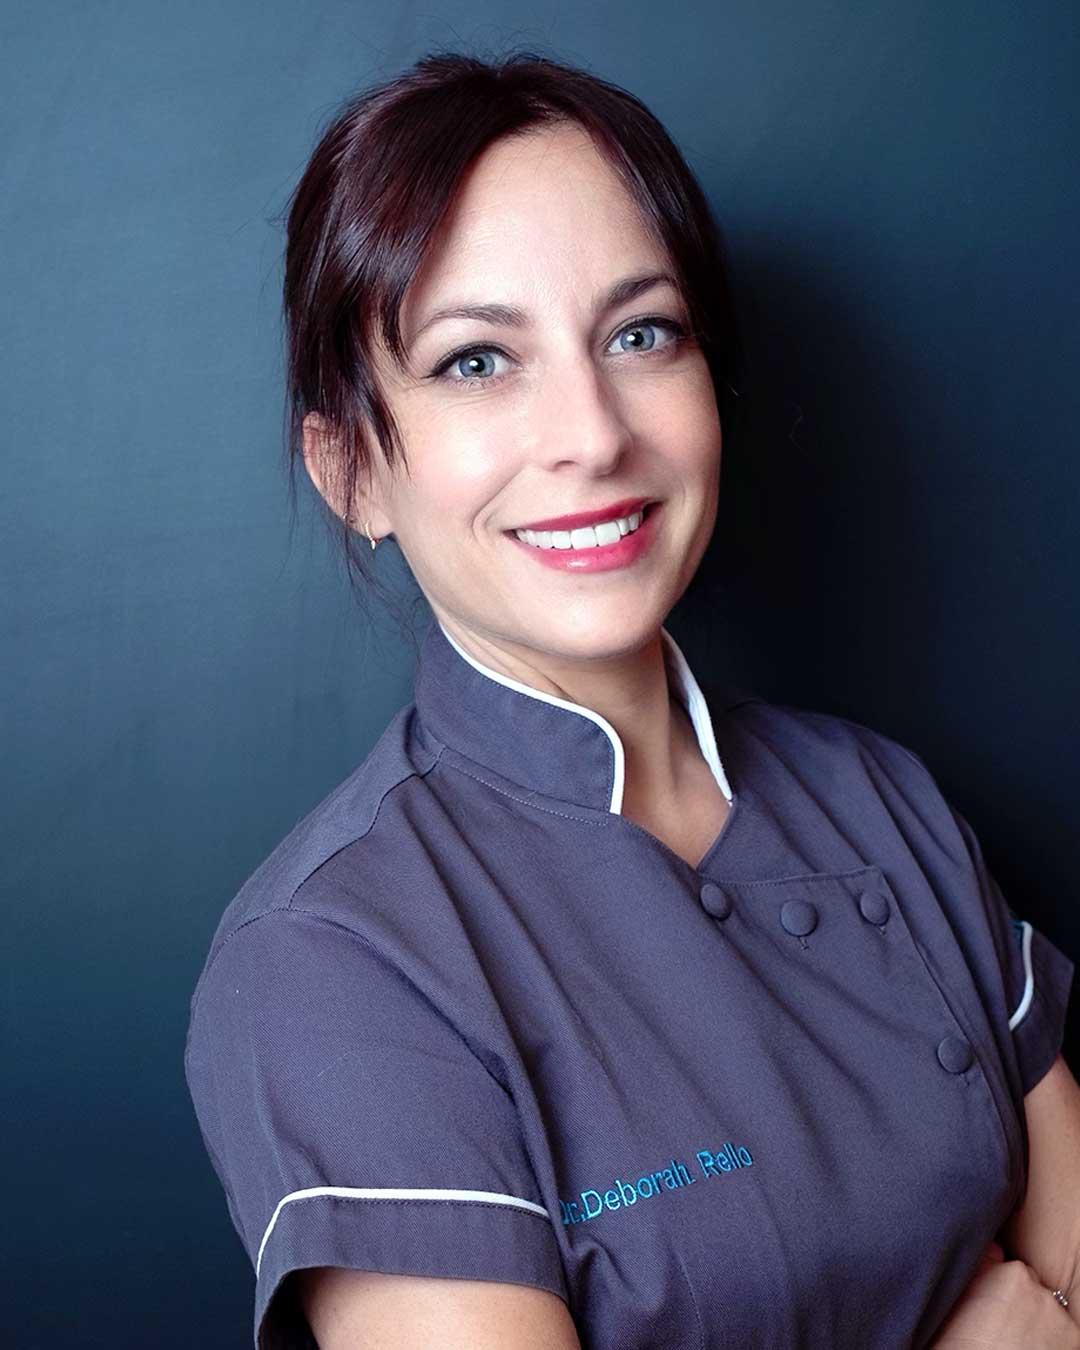 Dr. Deborah Rello